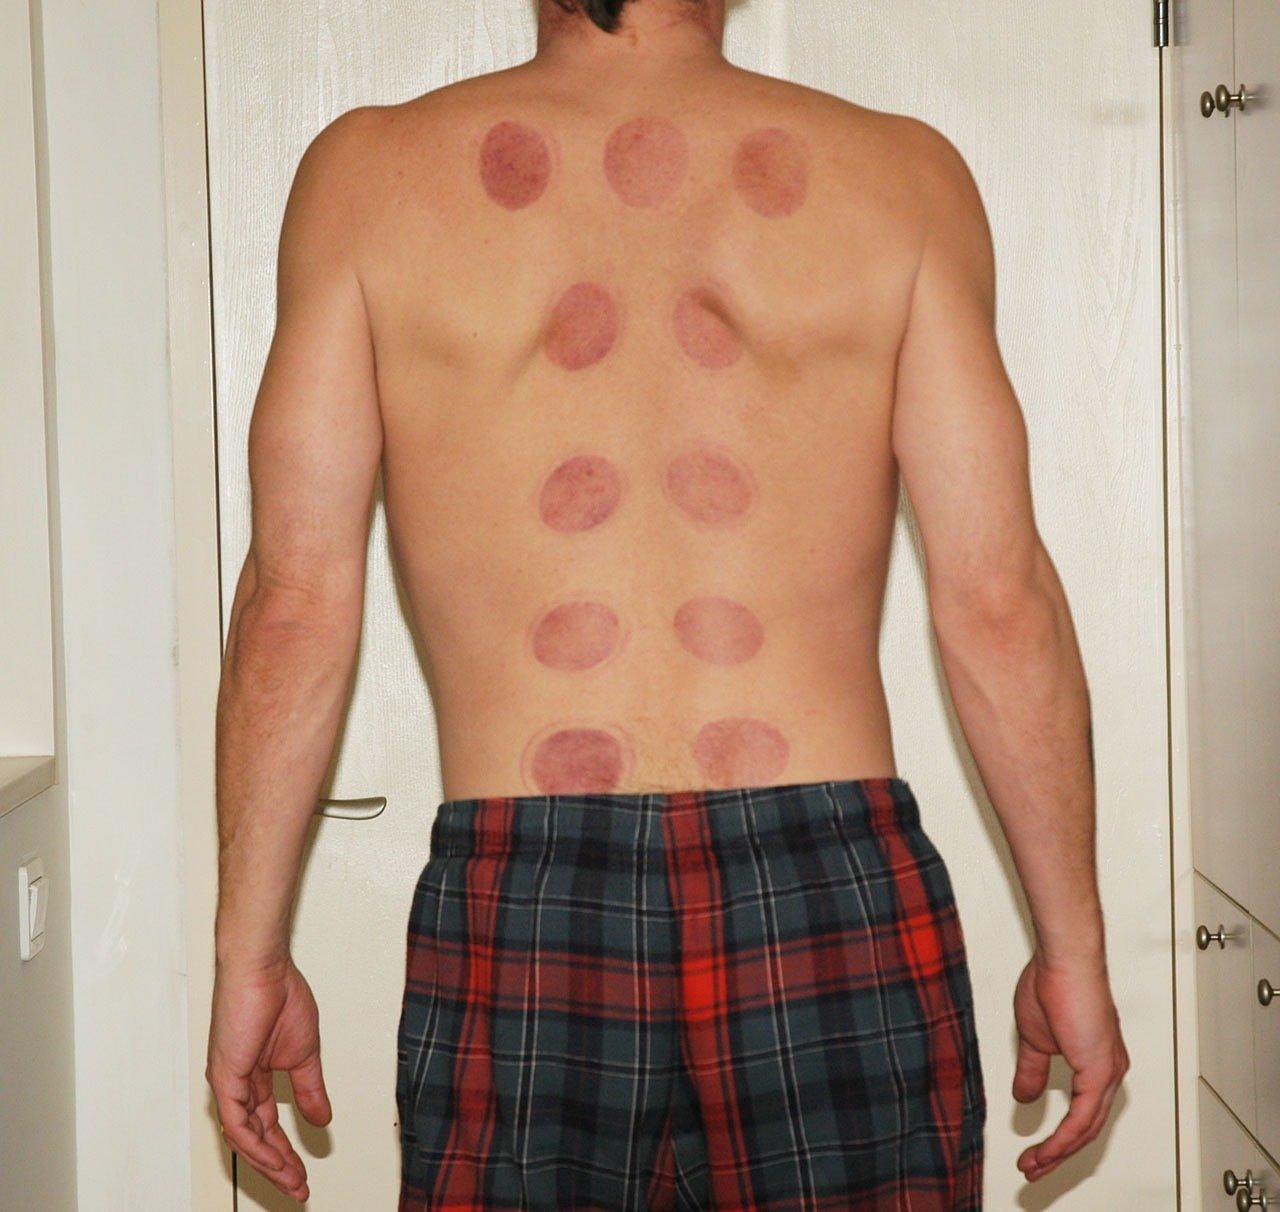 Fysio- en Manueletherapie Salden H A H massage fysio